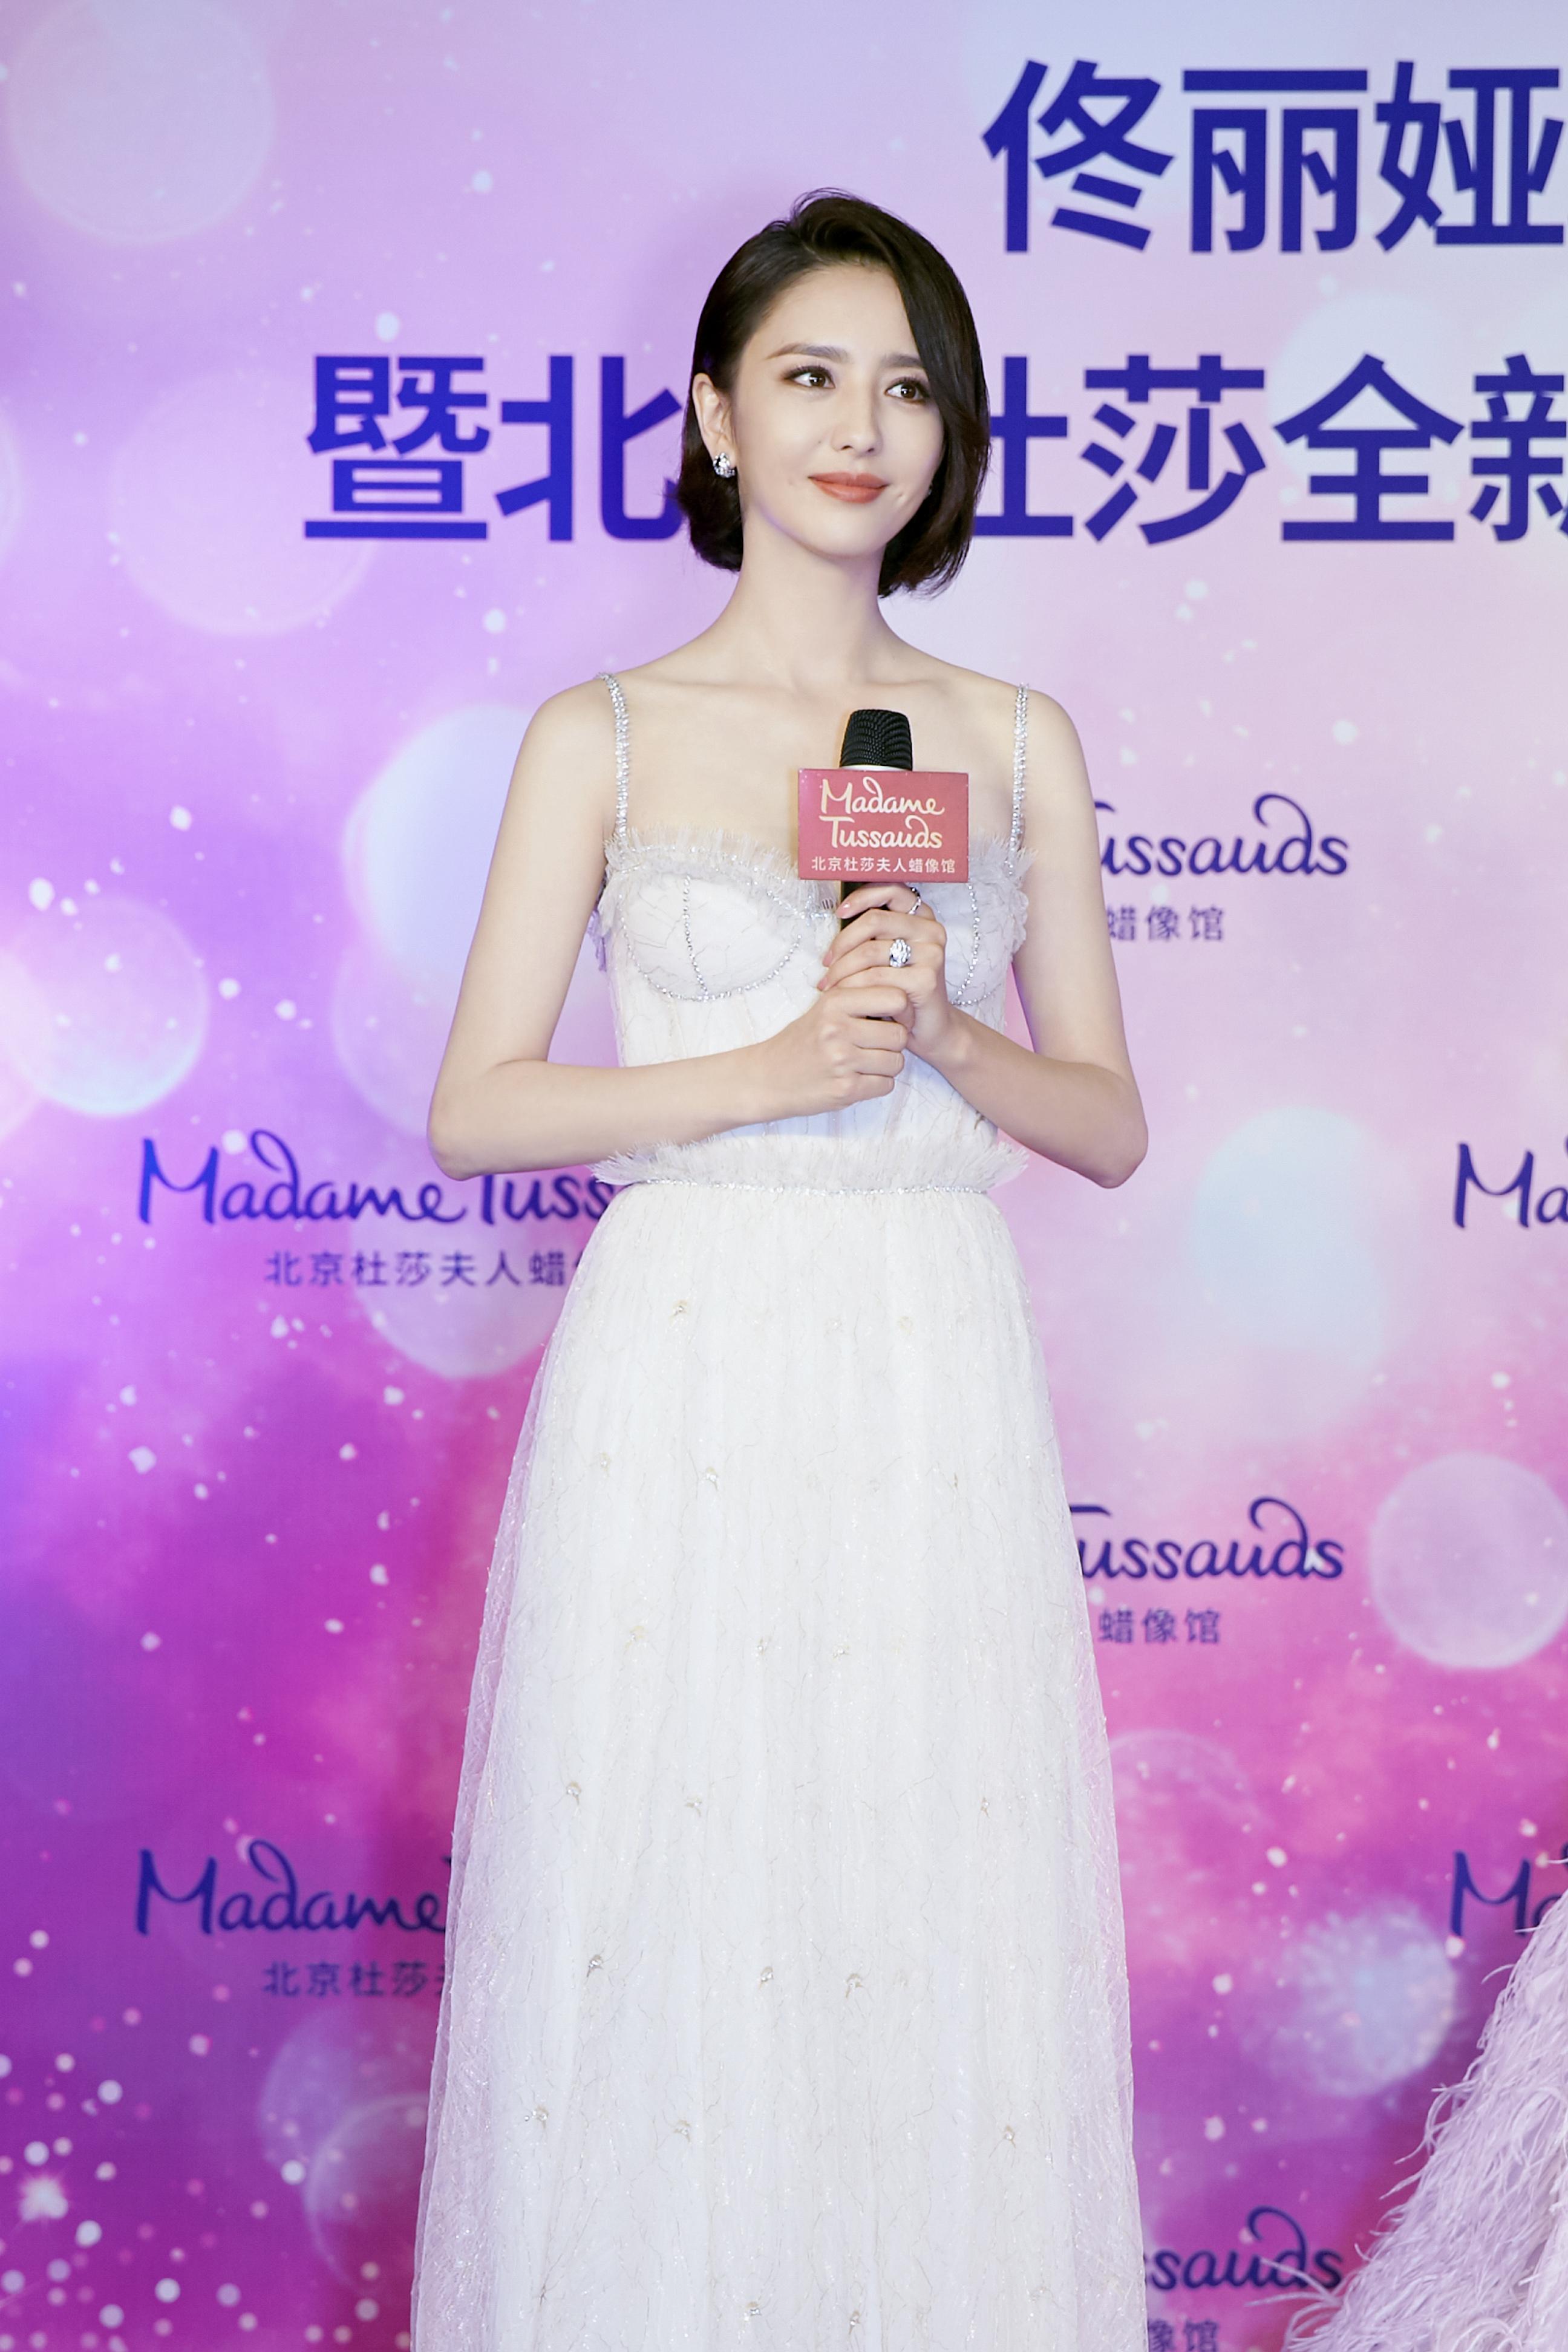 佟丽娅为蜡像揭幕 乳白色薄纱长裙似仙女